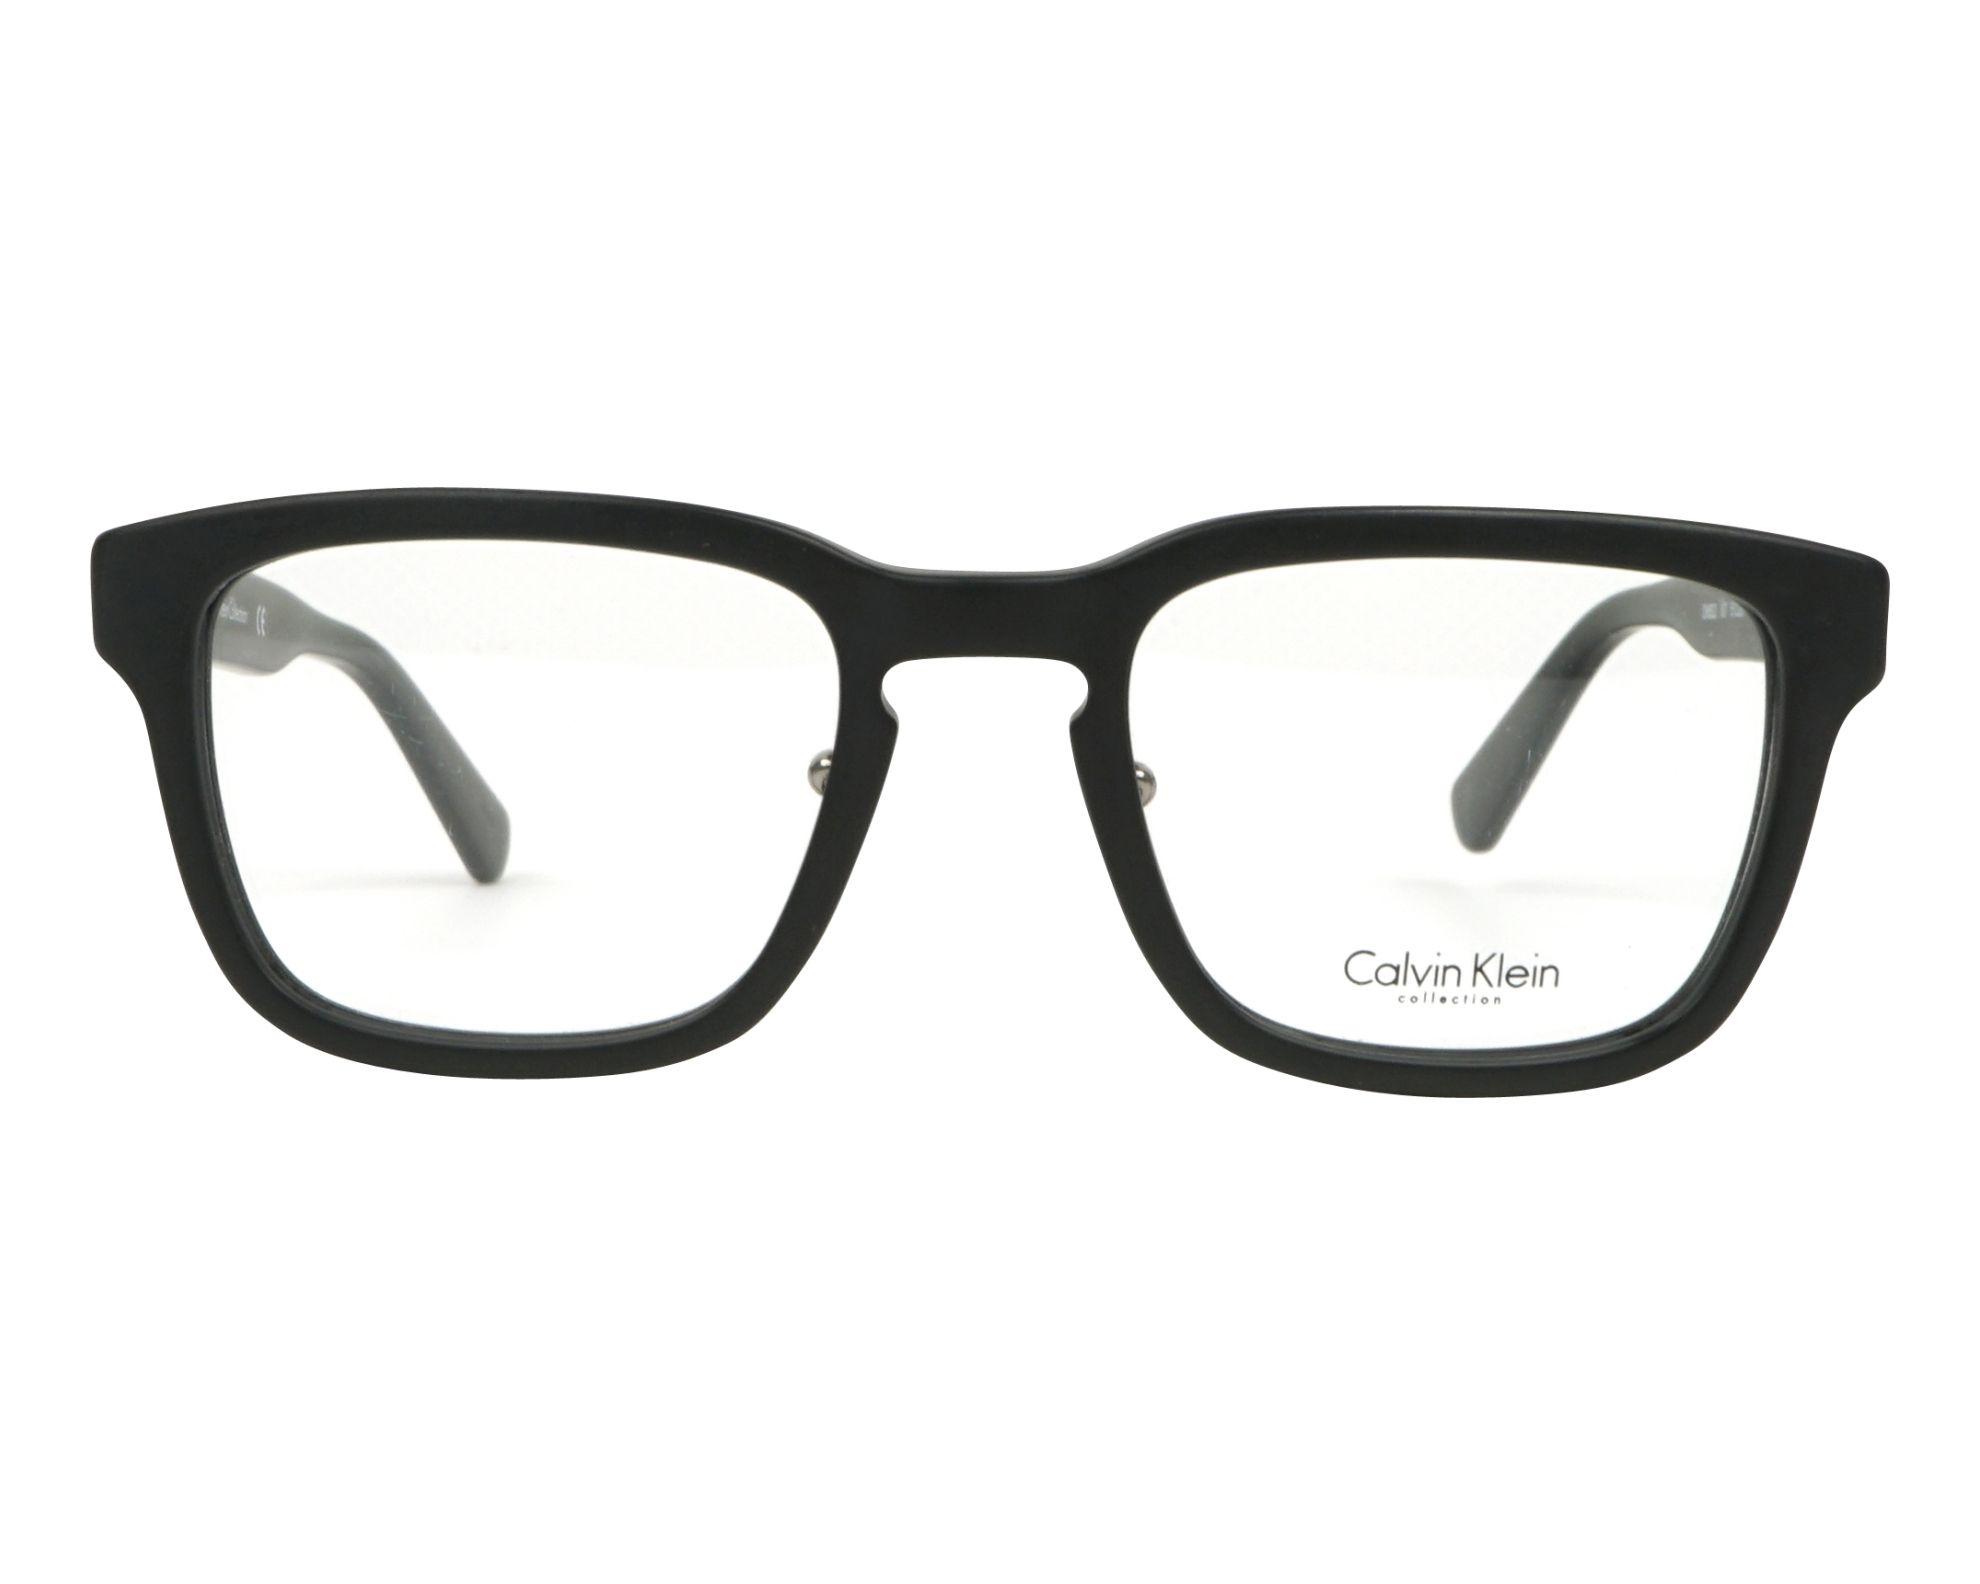 calvin klein brille ck 8522 007 jetzt online kaufen bei. Black Bedroom Furniture Sets. Home Design Ideas